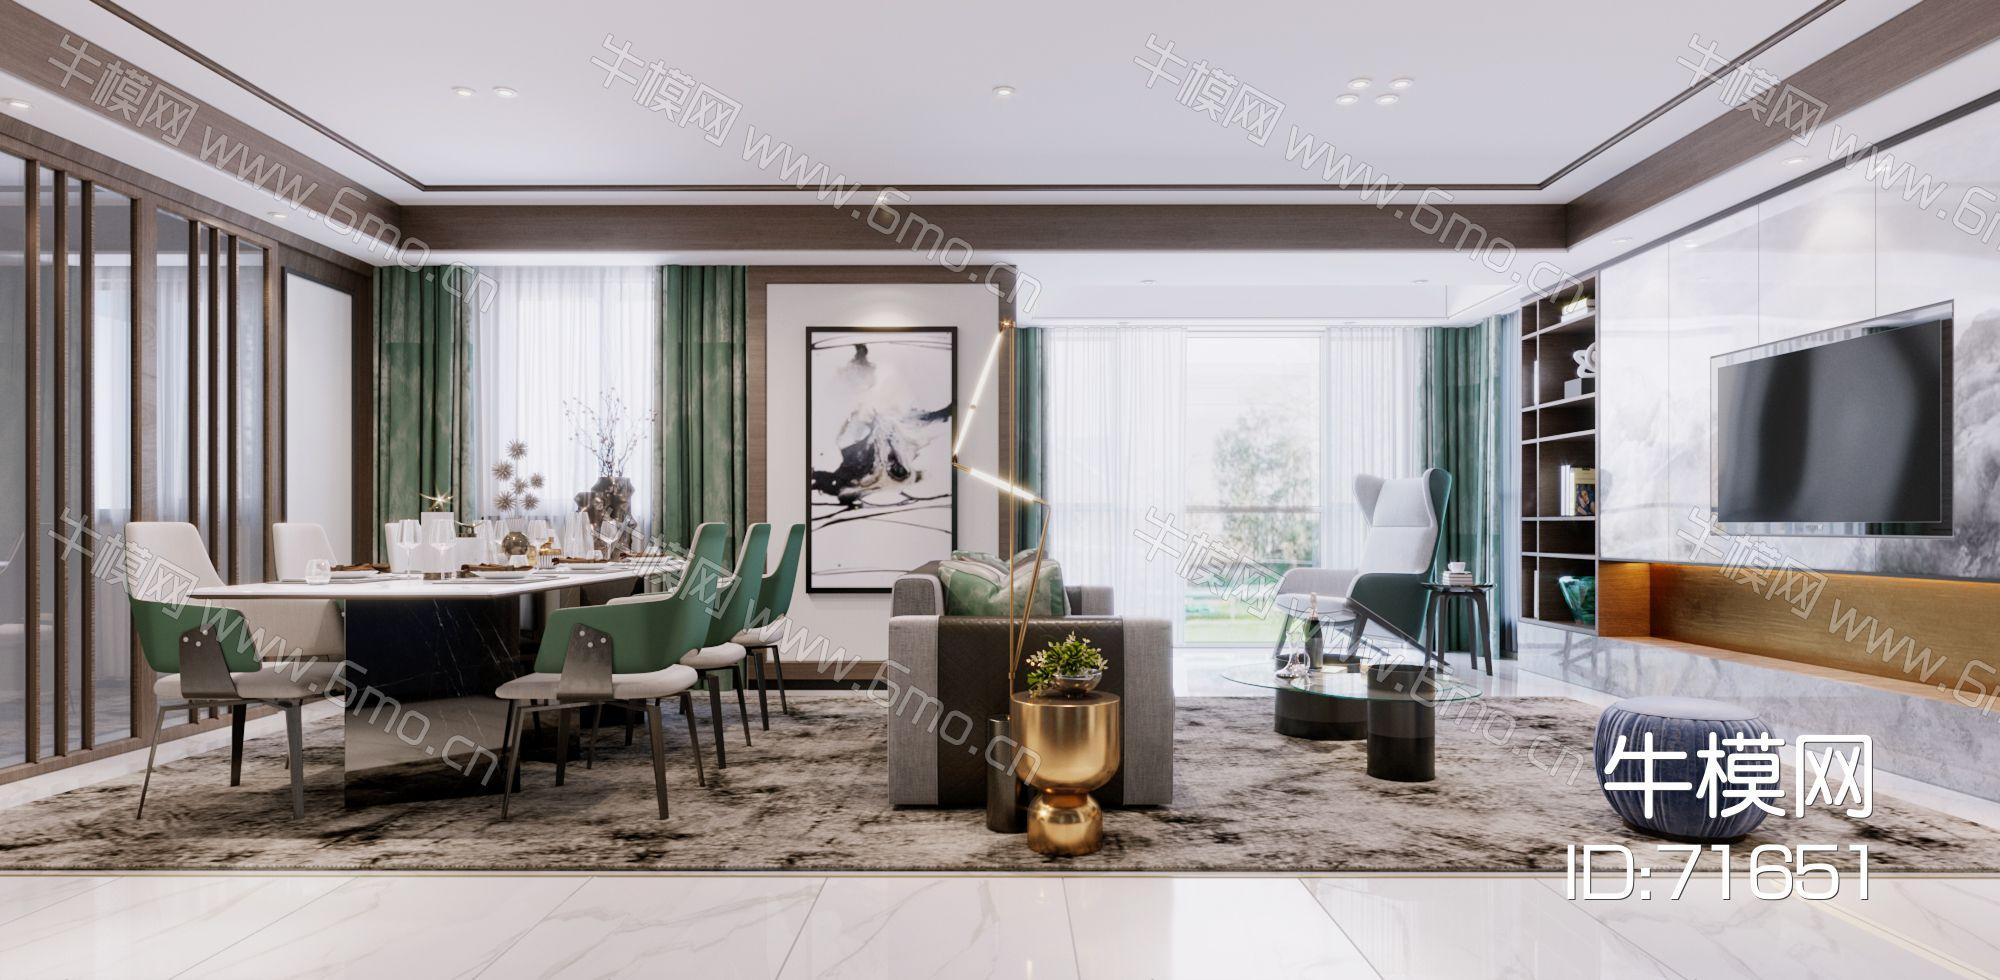 2020-现代客餐厅-Corona表现场景